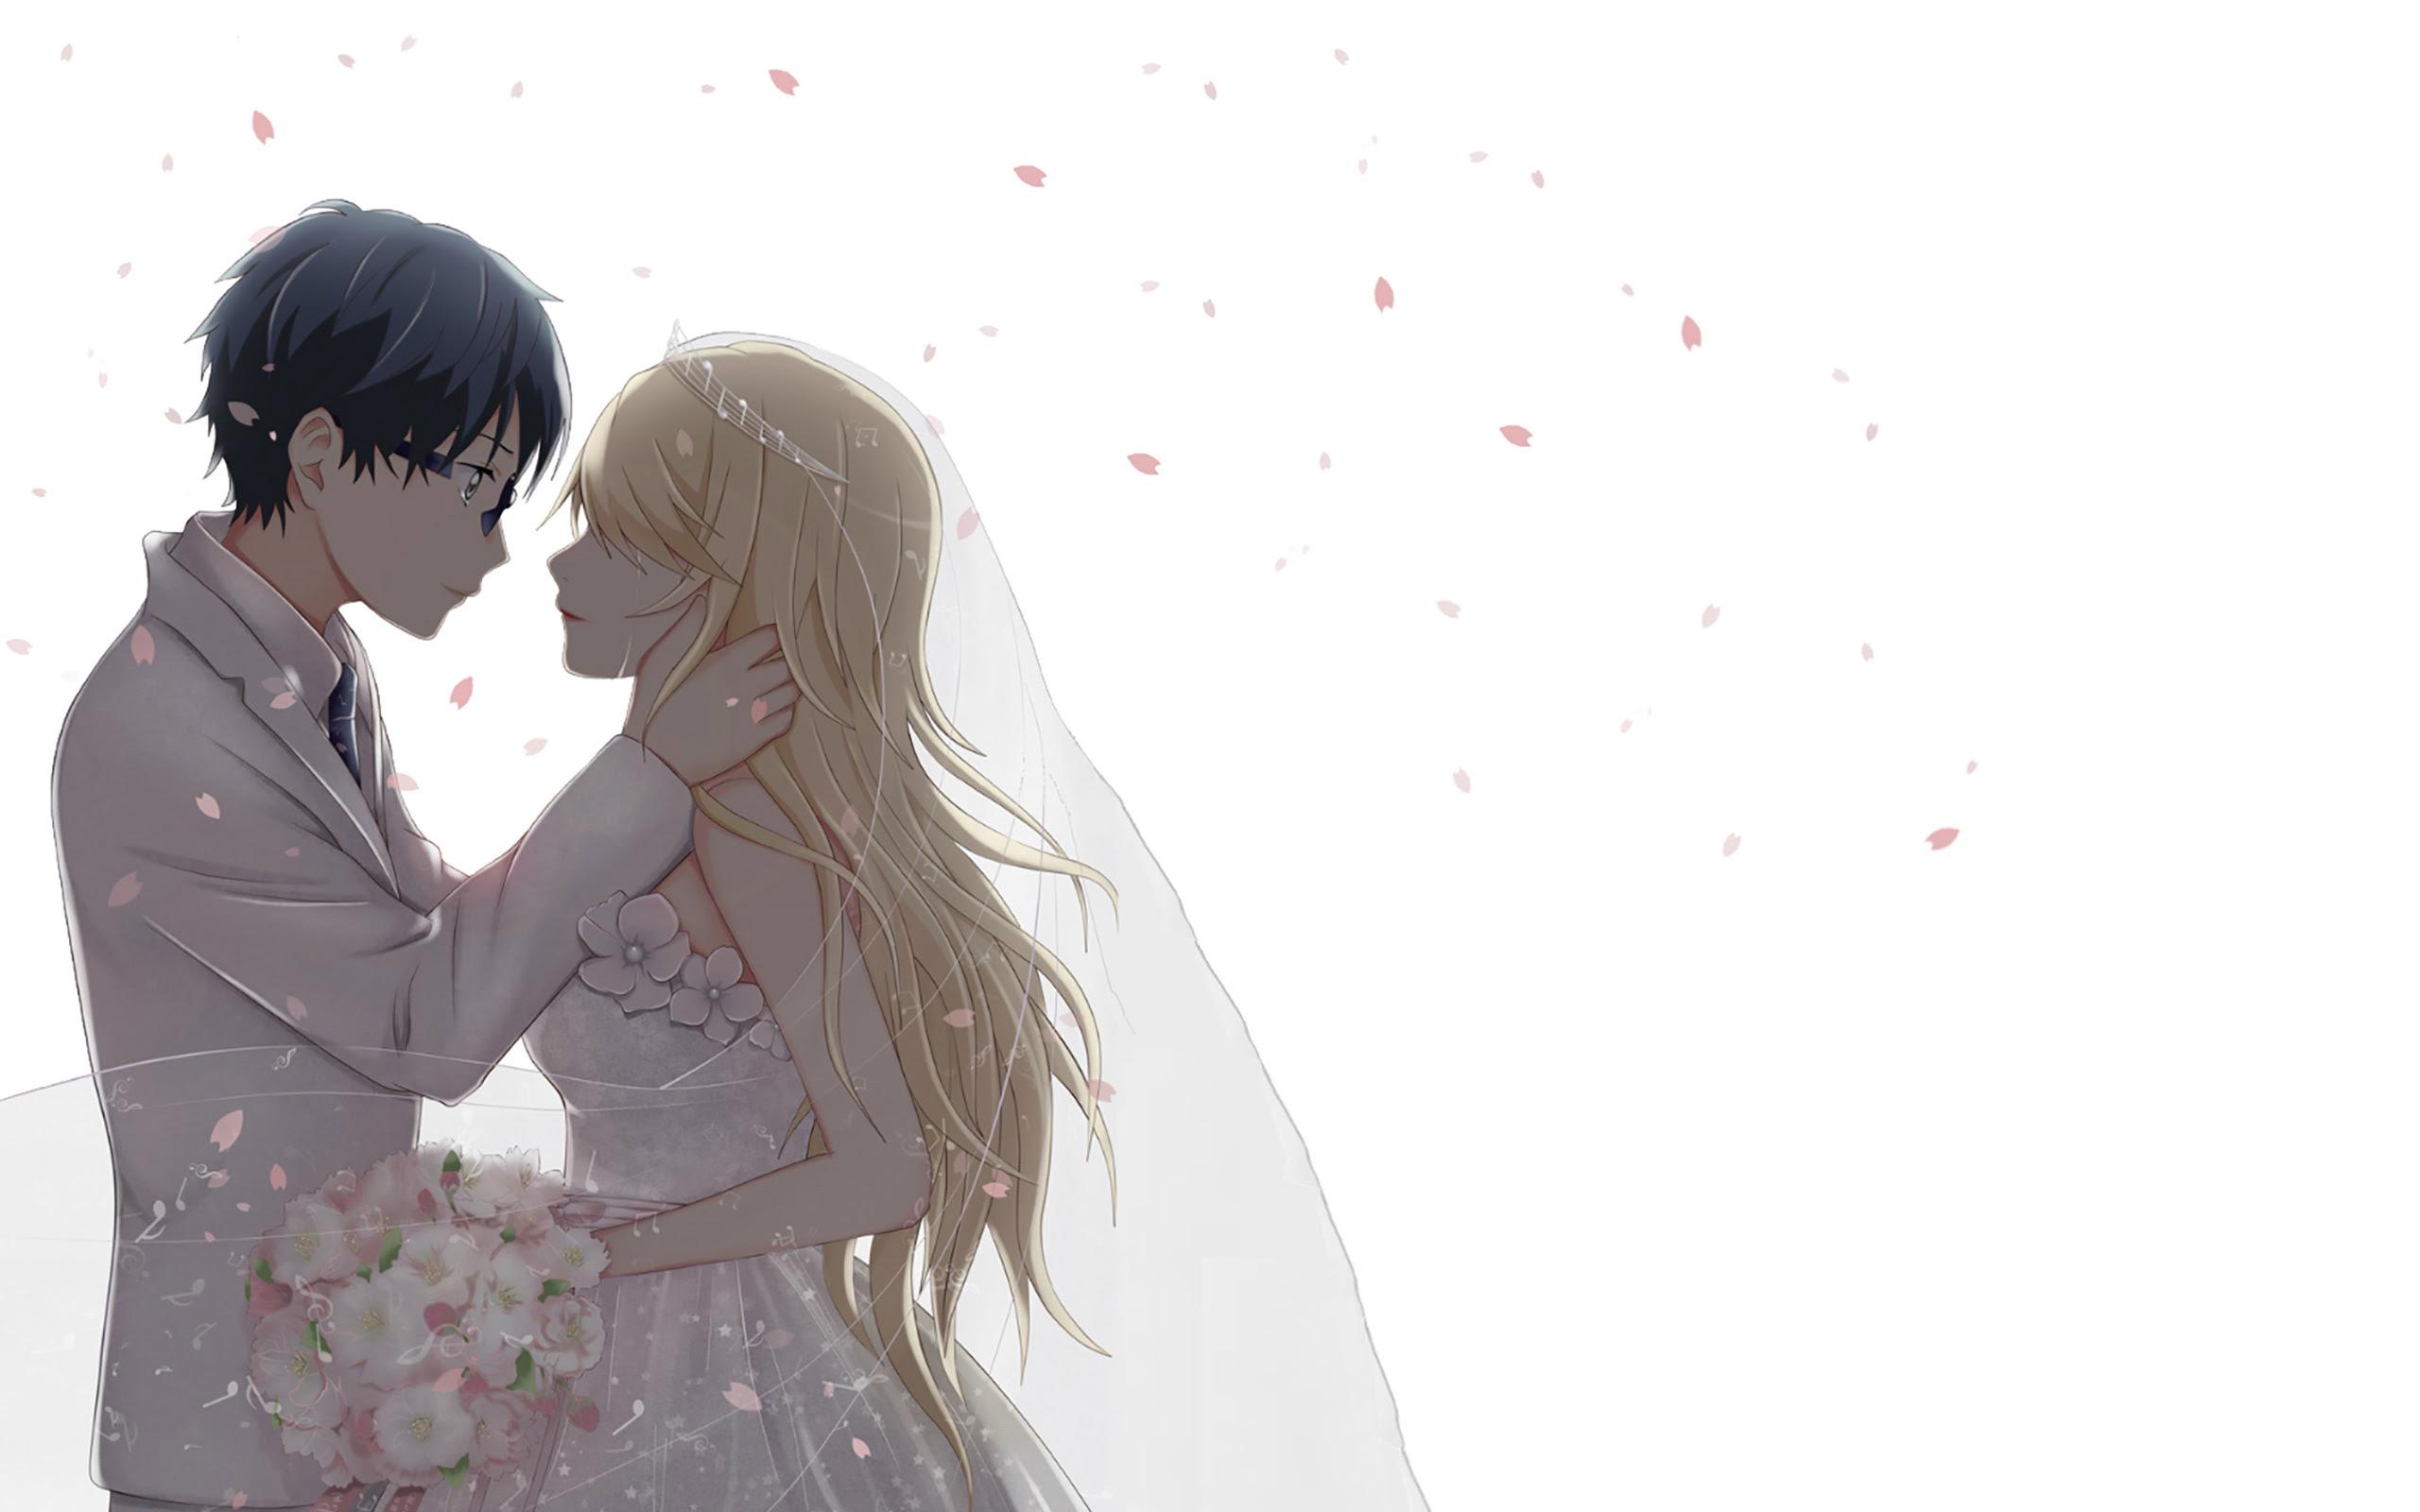 Cute Anime Couple HD Wallpapers   PixelsTalk.Net